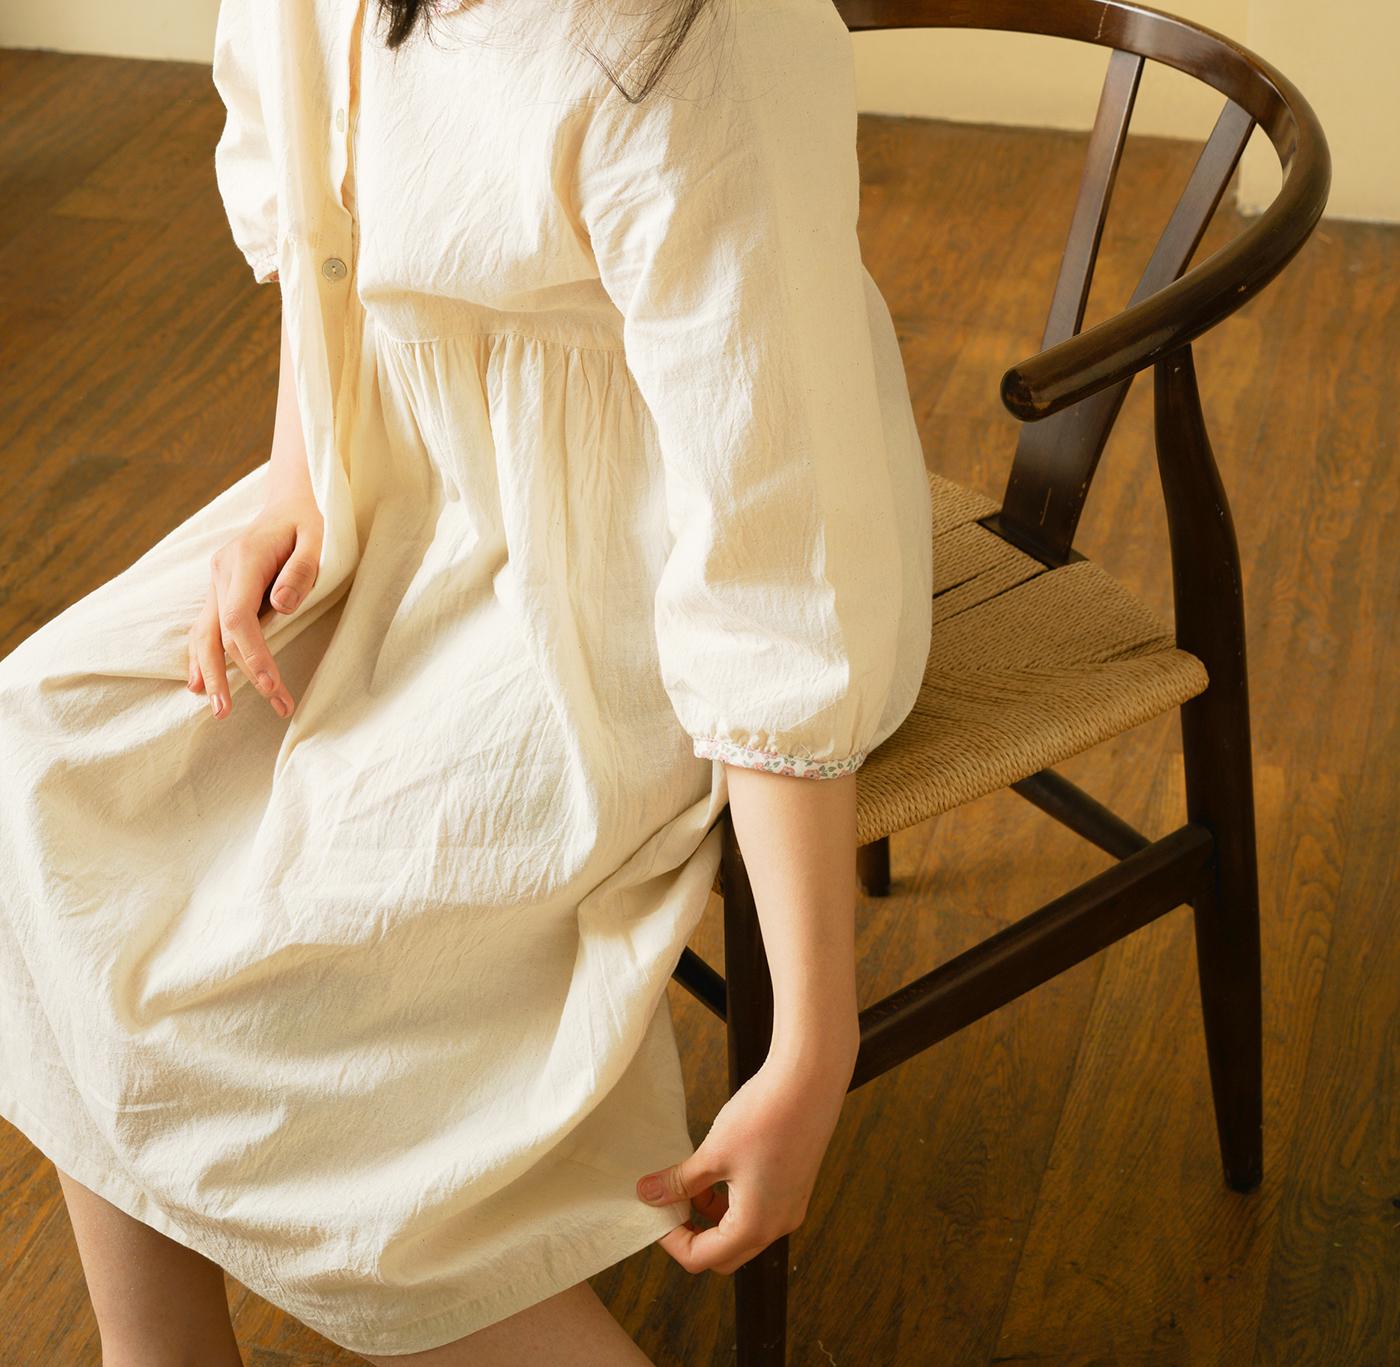 핸드메이드 광목 여성 실내복 긴팔 원피스/100% 손으로 만든 여성 실내복(원피스) 상세이미지5